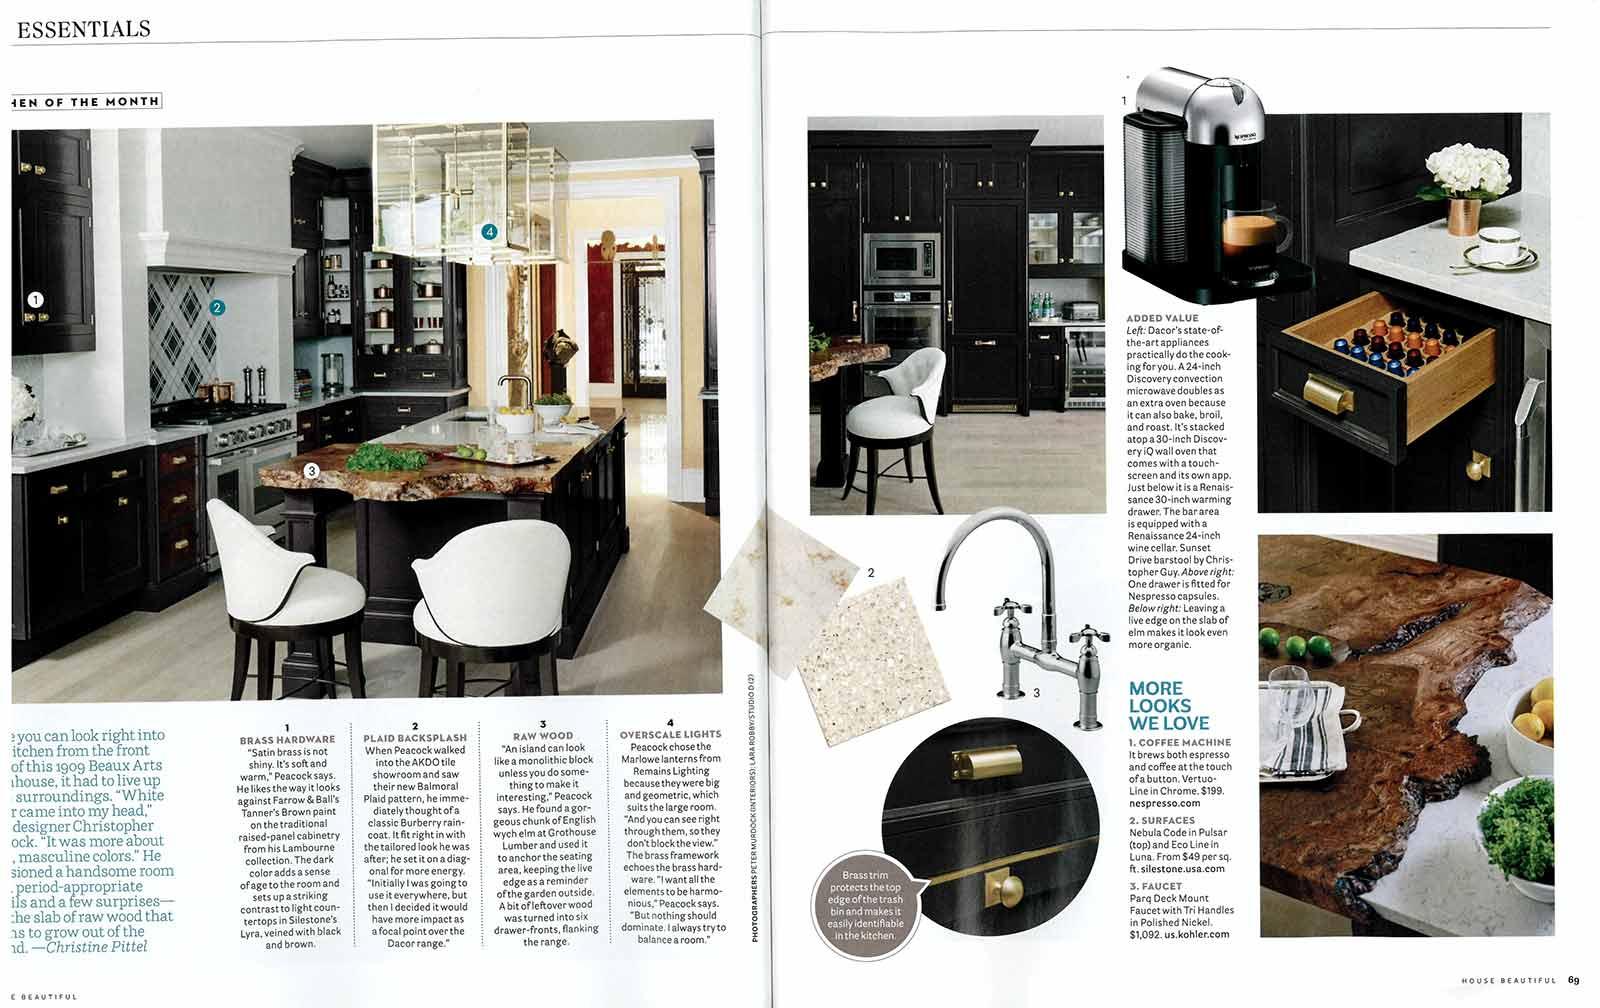 House Beautiful Magazine September 2015 Grothouse Wood Counter In House Beautiful September 2015